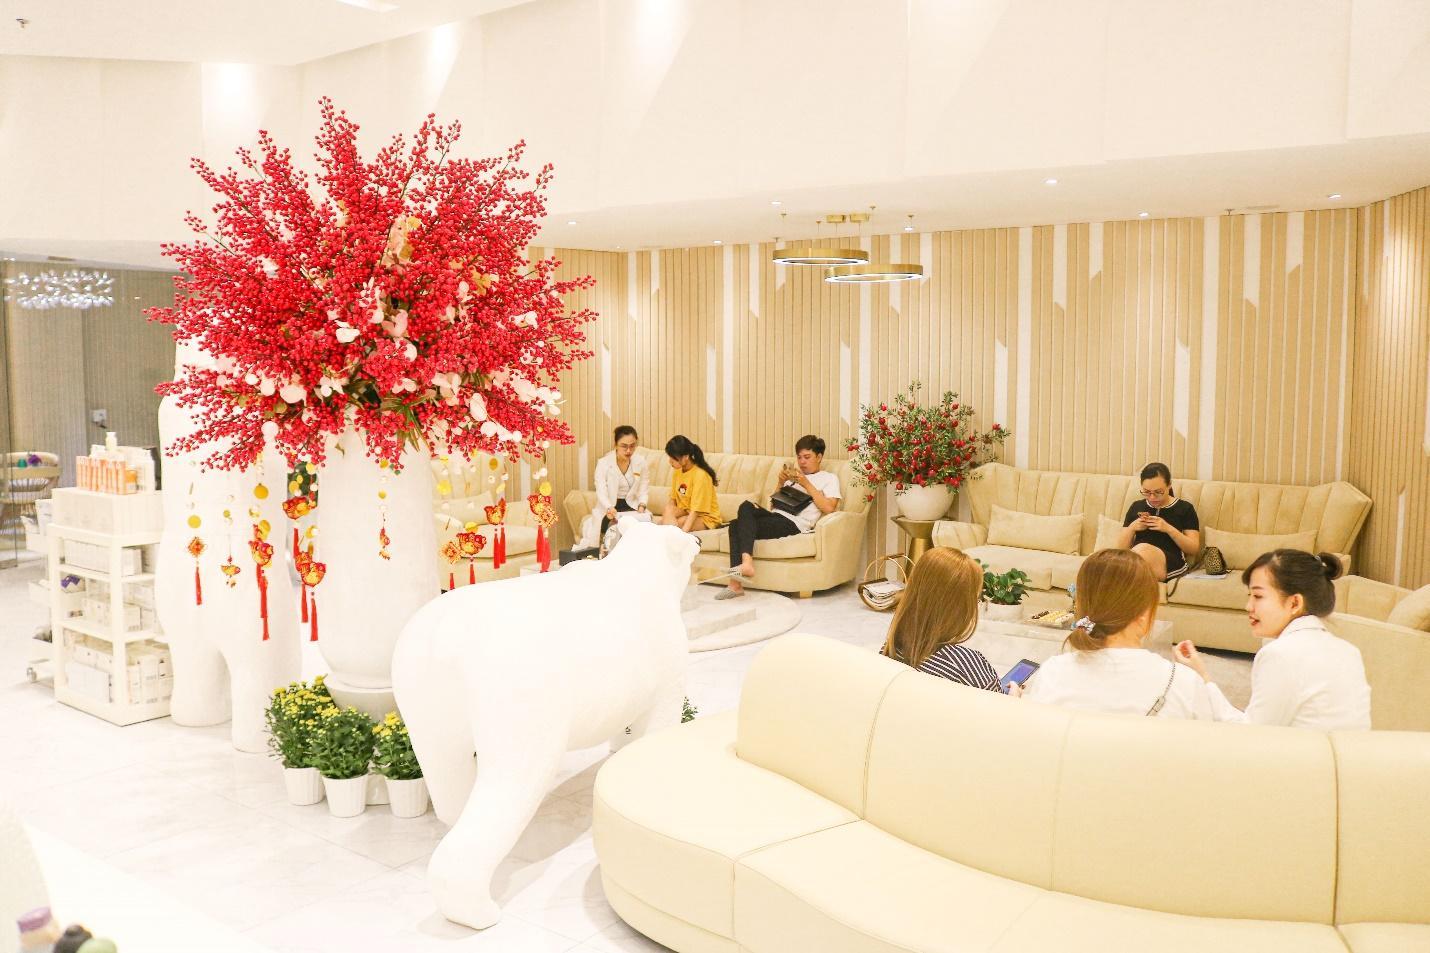 Aqua Clinic: Địa điểm làm đẹp uy tín lâu năm tại Sài Gòn - Ảnh 3